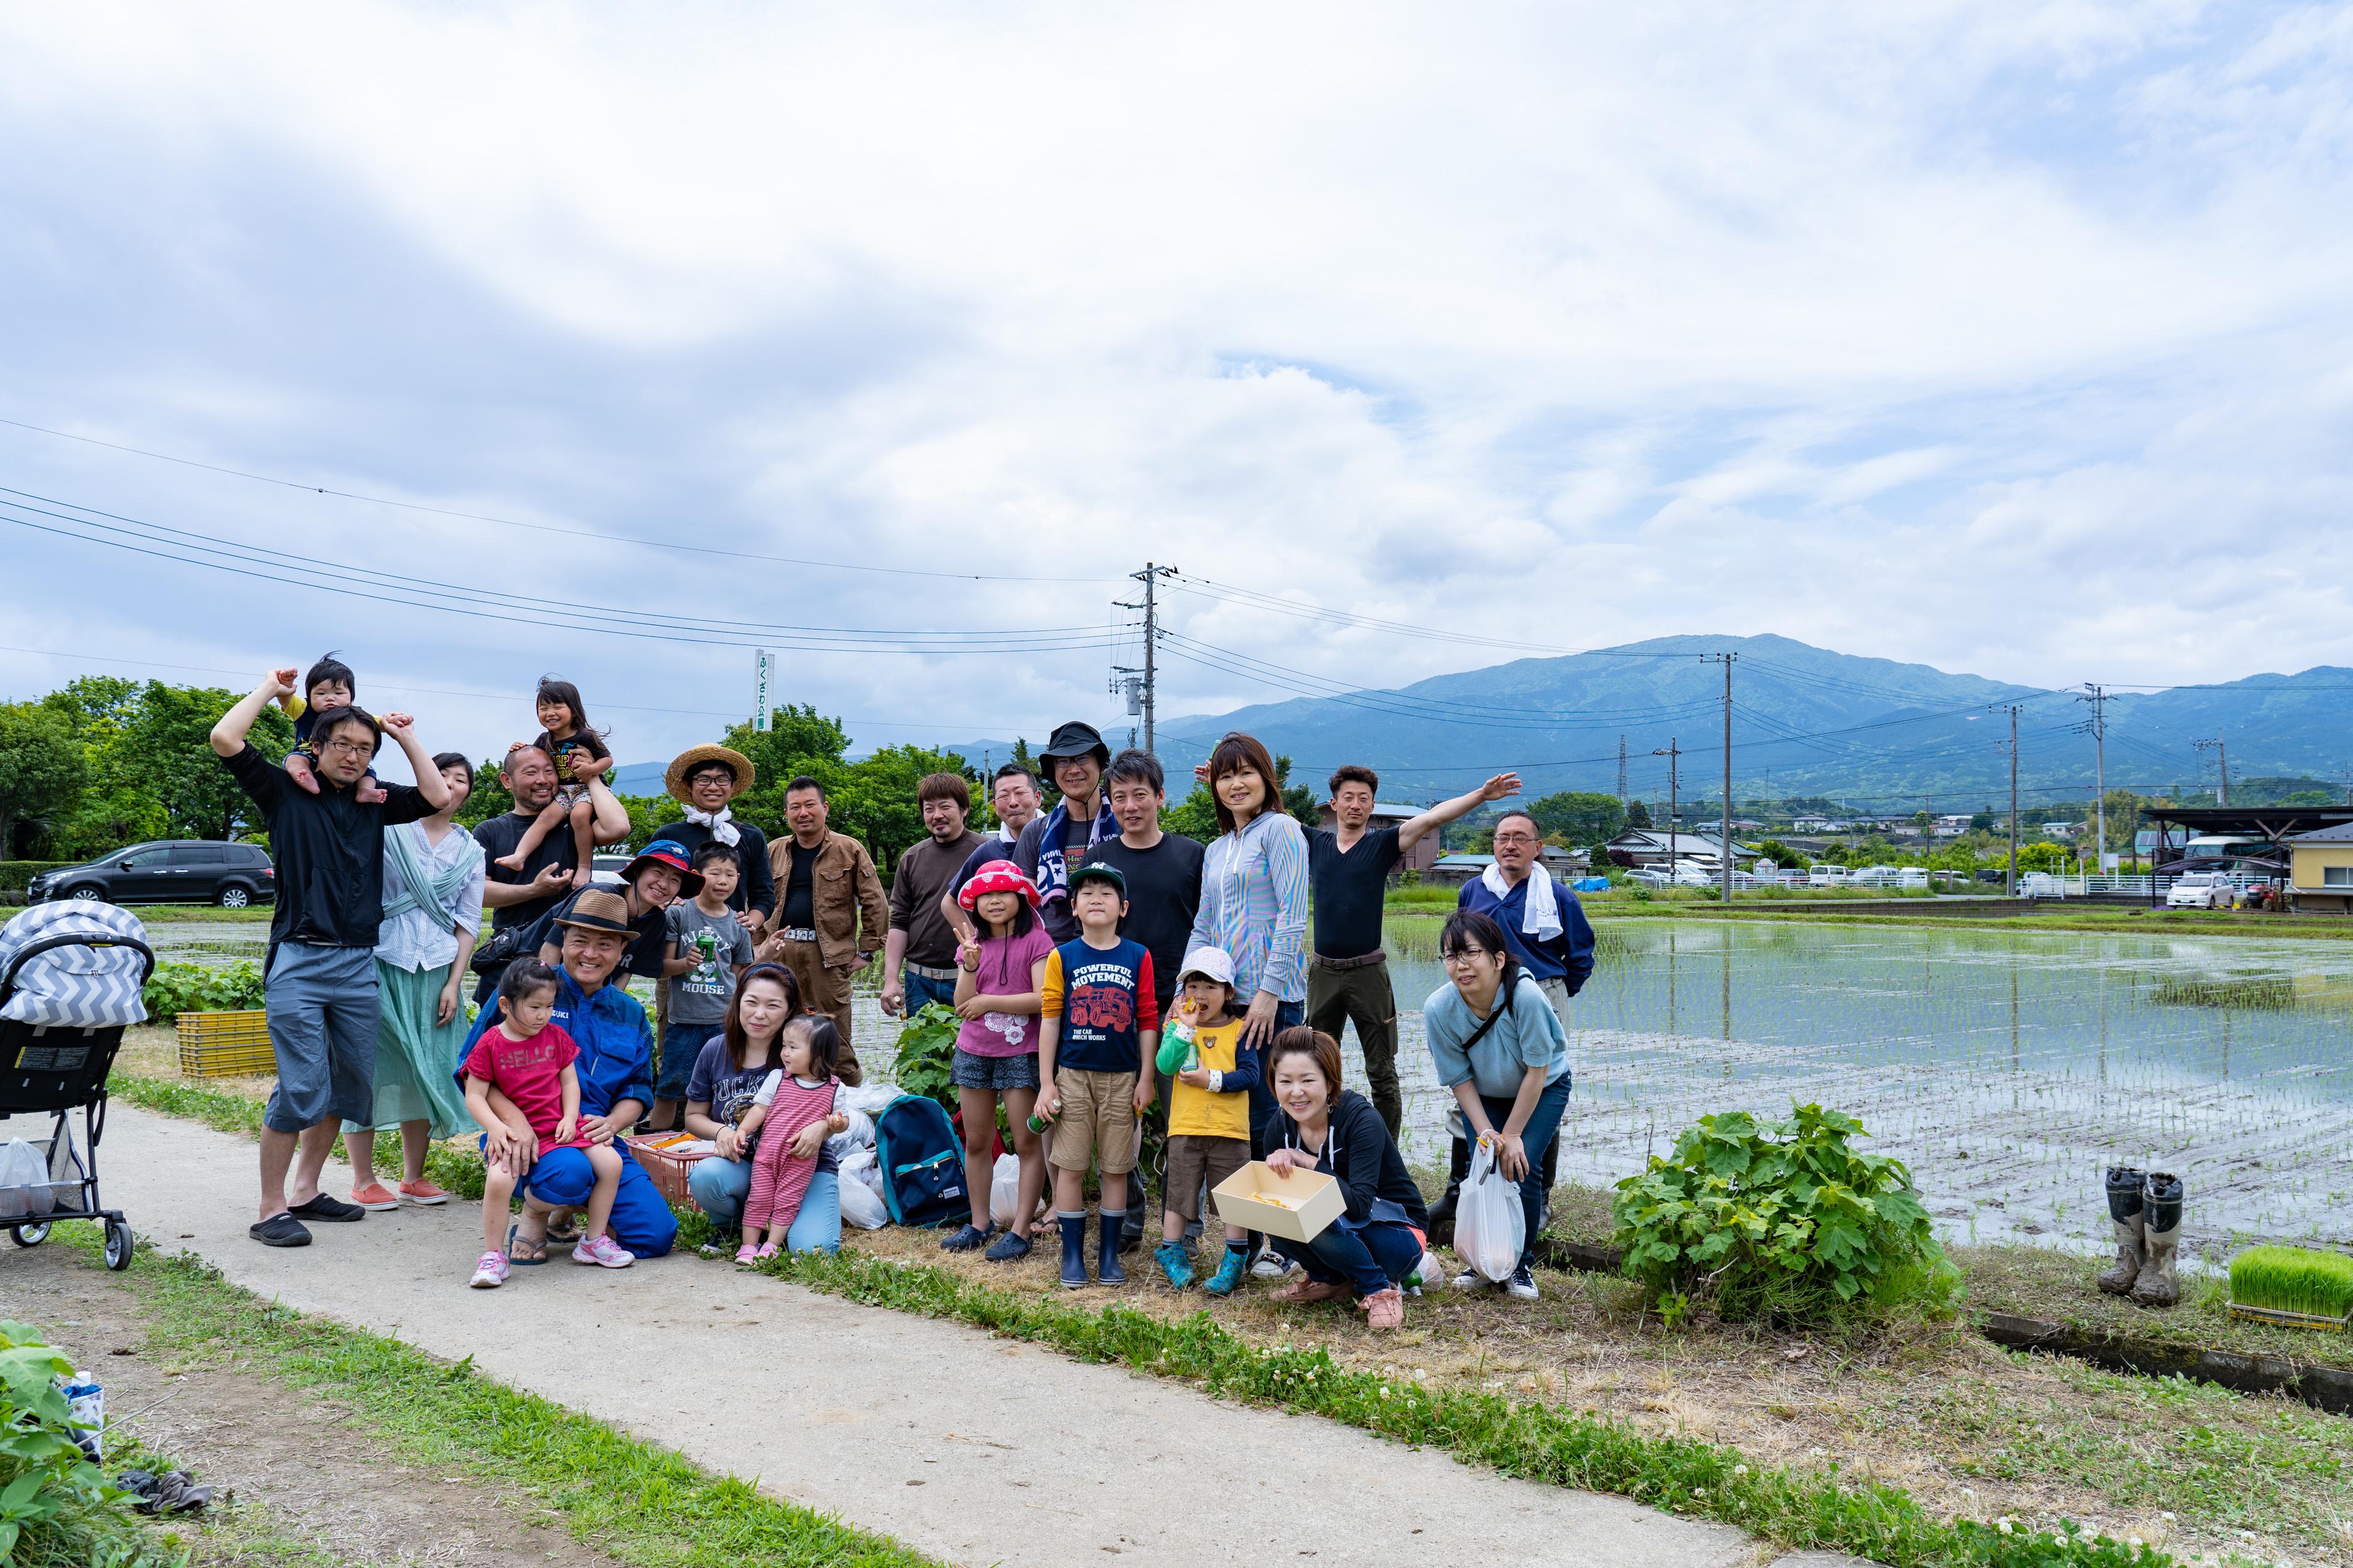 田植えから。山北町商工会青年部50周年で日本酒造りに挑戦 2020年記念イベント開催へ